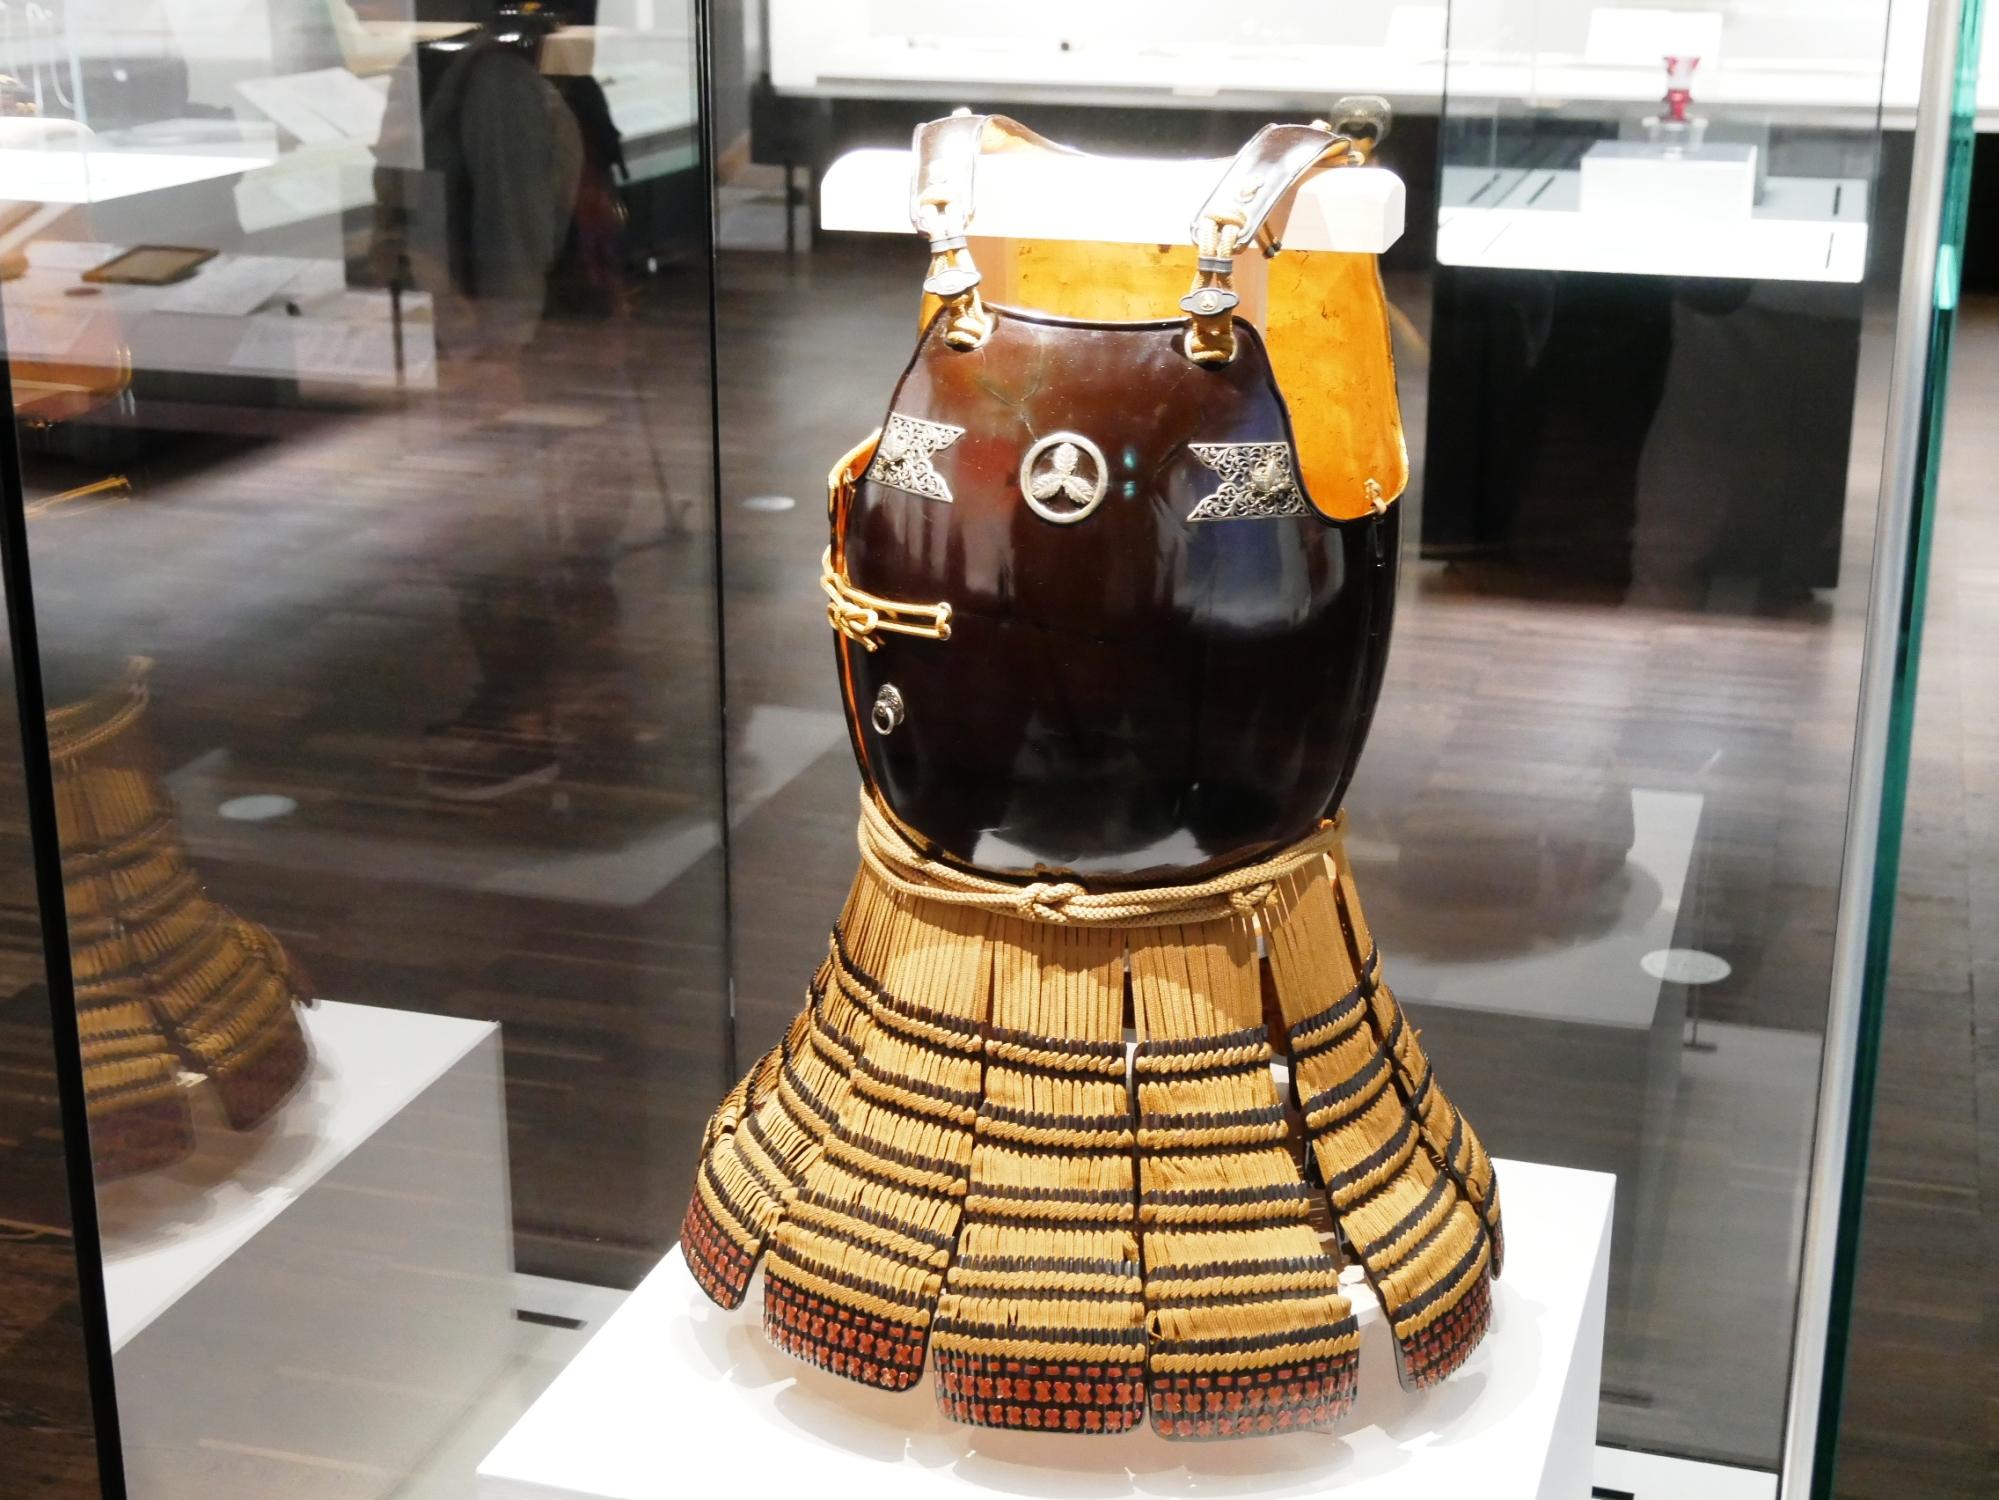 茶糸威二枚銅(ちゃいとおどしにまいどう)山内容堂所用の鎧。